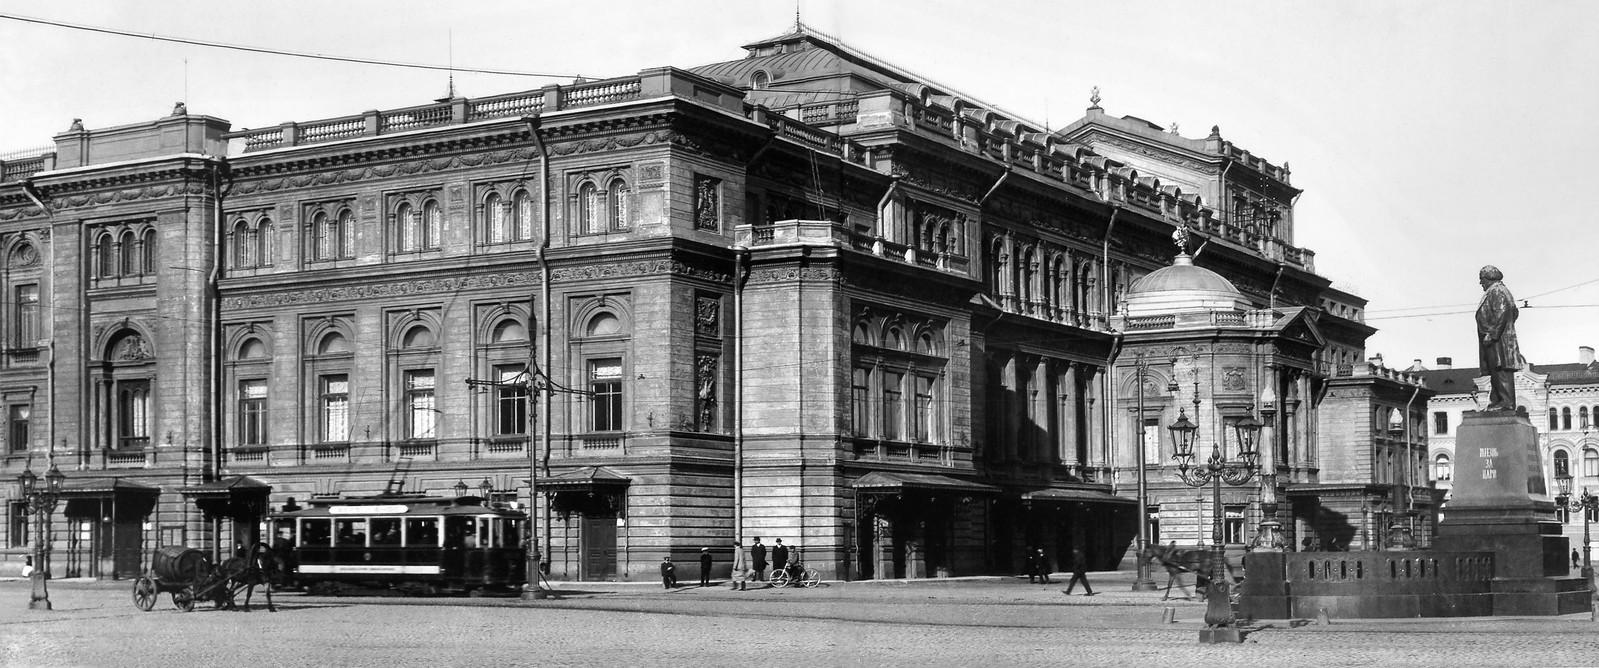 Здание Консерватории Императорского Русского музыкального общества с церковью во имя Рождества Пресвятой Богородицы